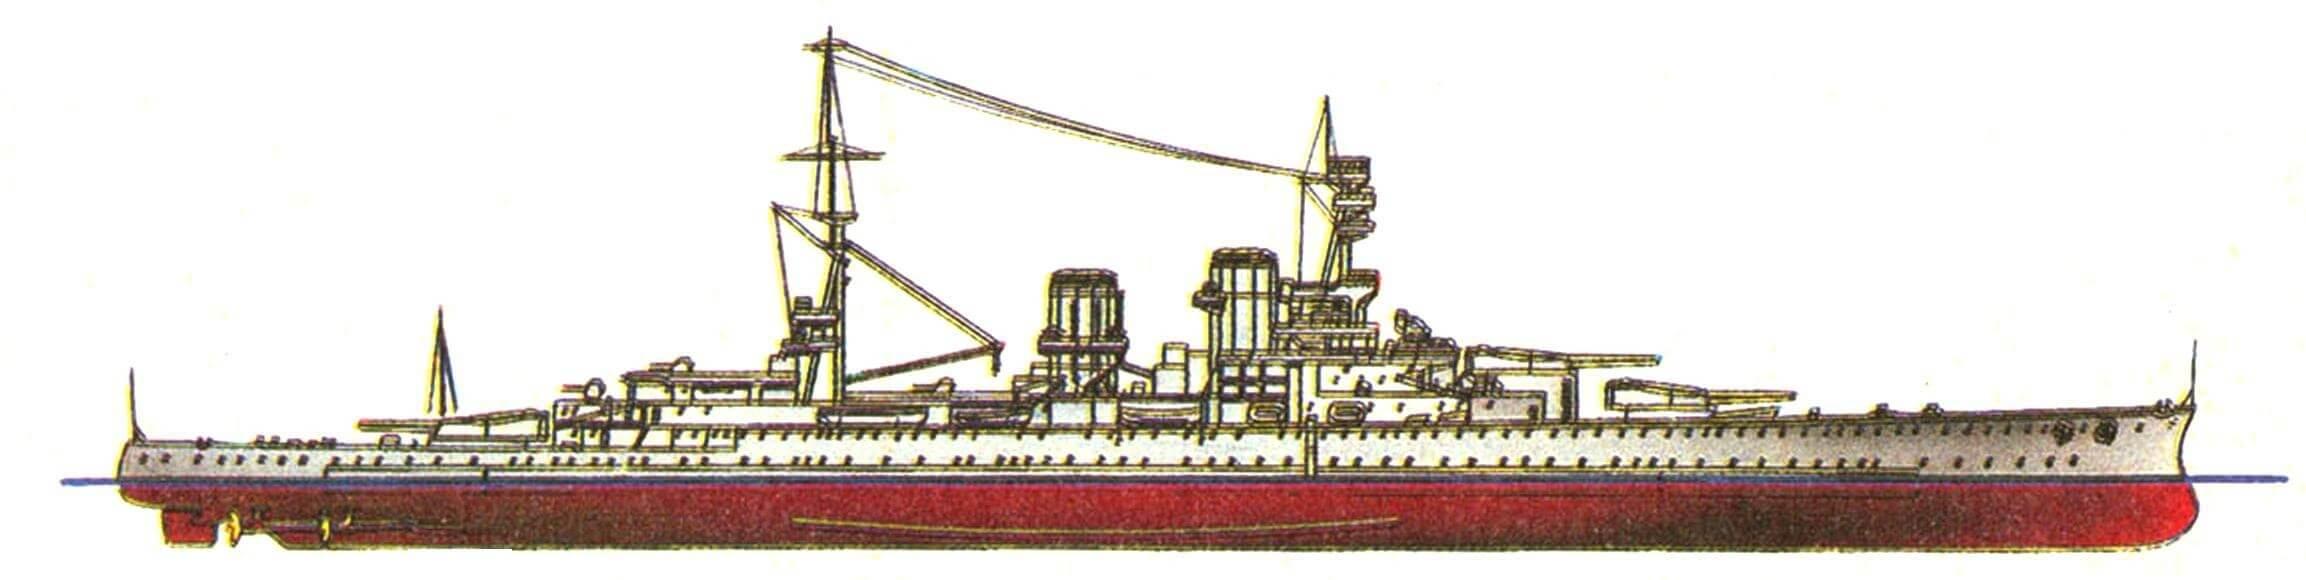 207. Линейный нрейсер «Рипалс», Англия, 1916 г. Заложен в 1915 г., спущен на воду в 1916 г. Водоизмещение нормальное 27500 т, полное 30800 т, длина максимальная 242 м, ширина 27,4 м, осадка 7,8 м. Мощность четырехвапьной турбинной установки 112000 л.с., скорость 32 уз. Броня: главный пояс 152 мм, в оконечностях — 102—37 мм, впоследствии утолщен до 229 мм, верхний пояс 152 мм (после модернизации), башни 280 мм, барбеты 178 мм, палубы: 25+75 мм. Вооружение: шесть 381 -мм и семнадцать 102-мм орудий, две 76-мм зенитки. Всего построено 2 единицы: «Рипалс» и «Ринаун» (оба в 1916 г.).